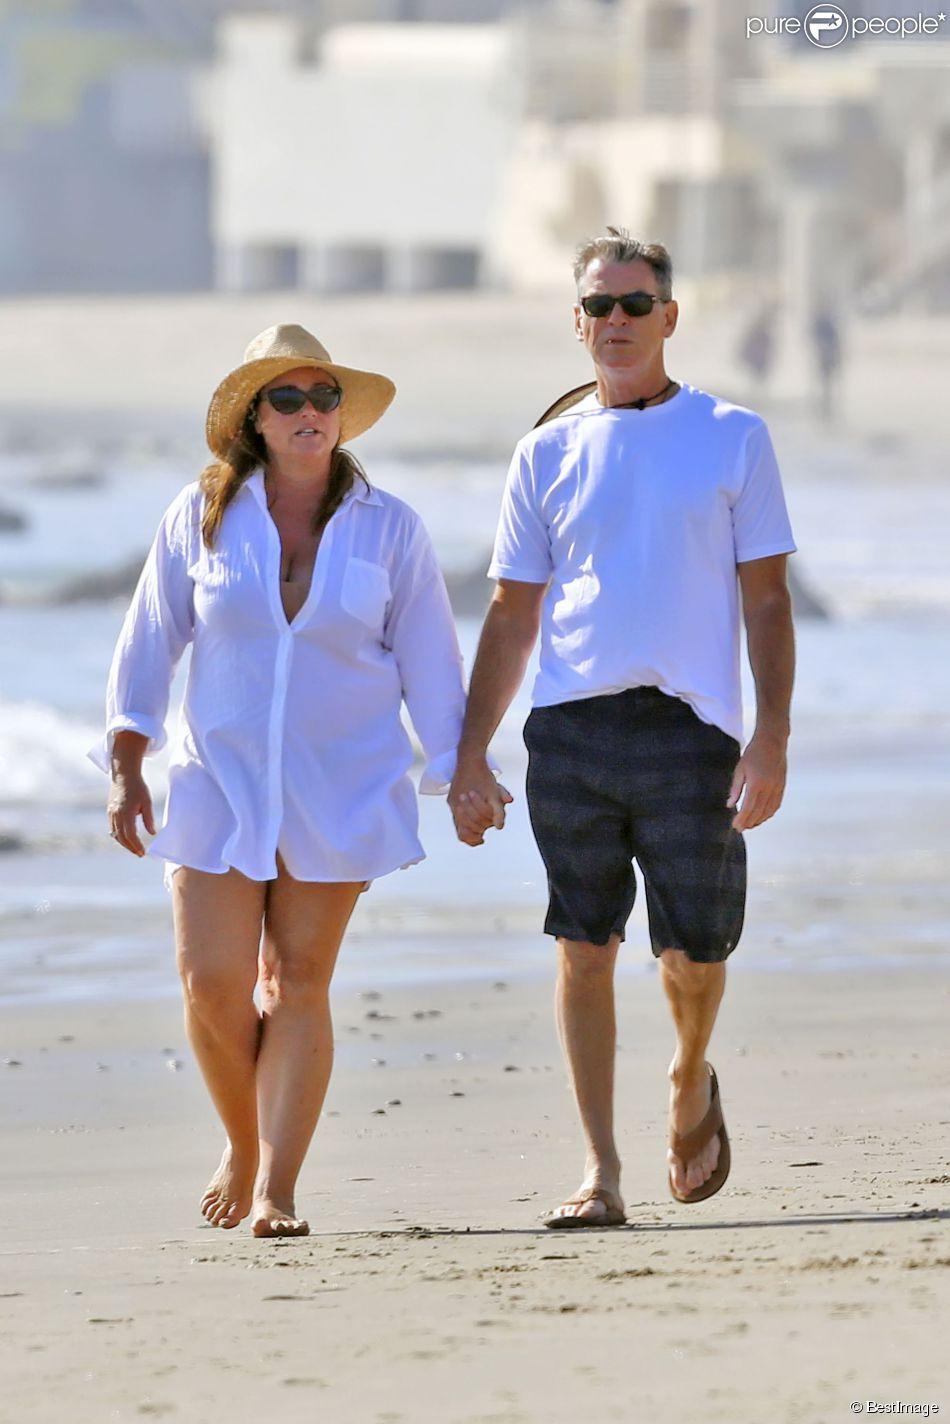 Exclusif - Pierce Brosnan et sa femme Keely Smith promènent leur chien sur une plage de Malibu le 8 mars 2015.